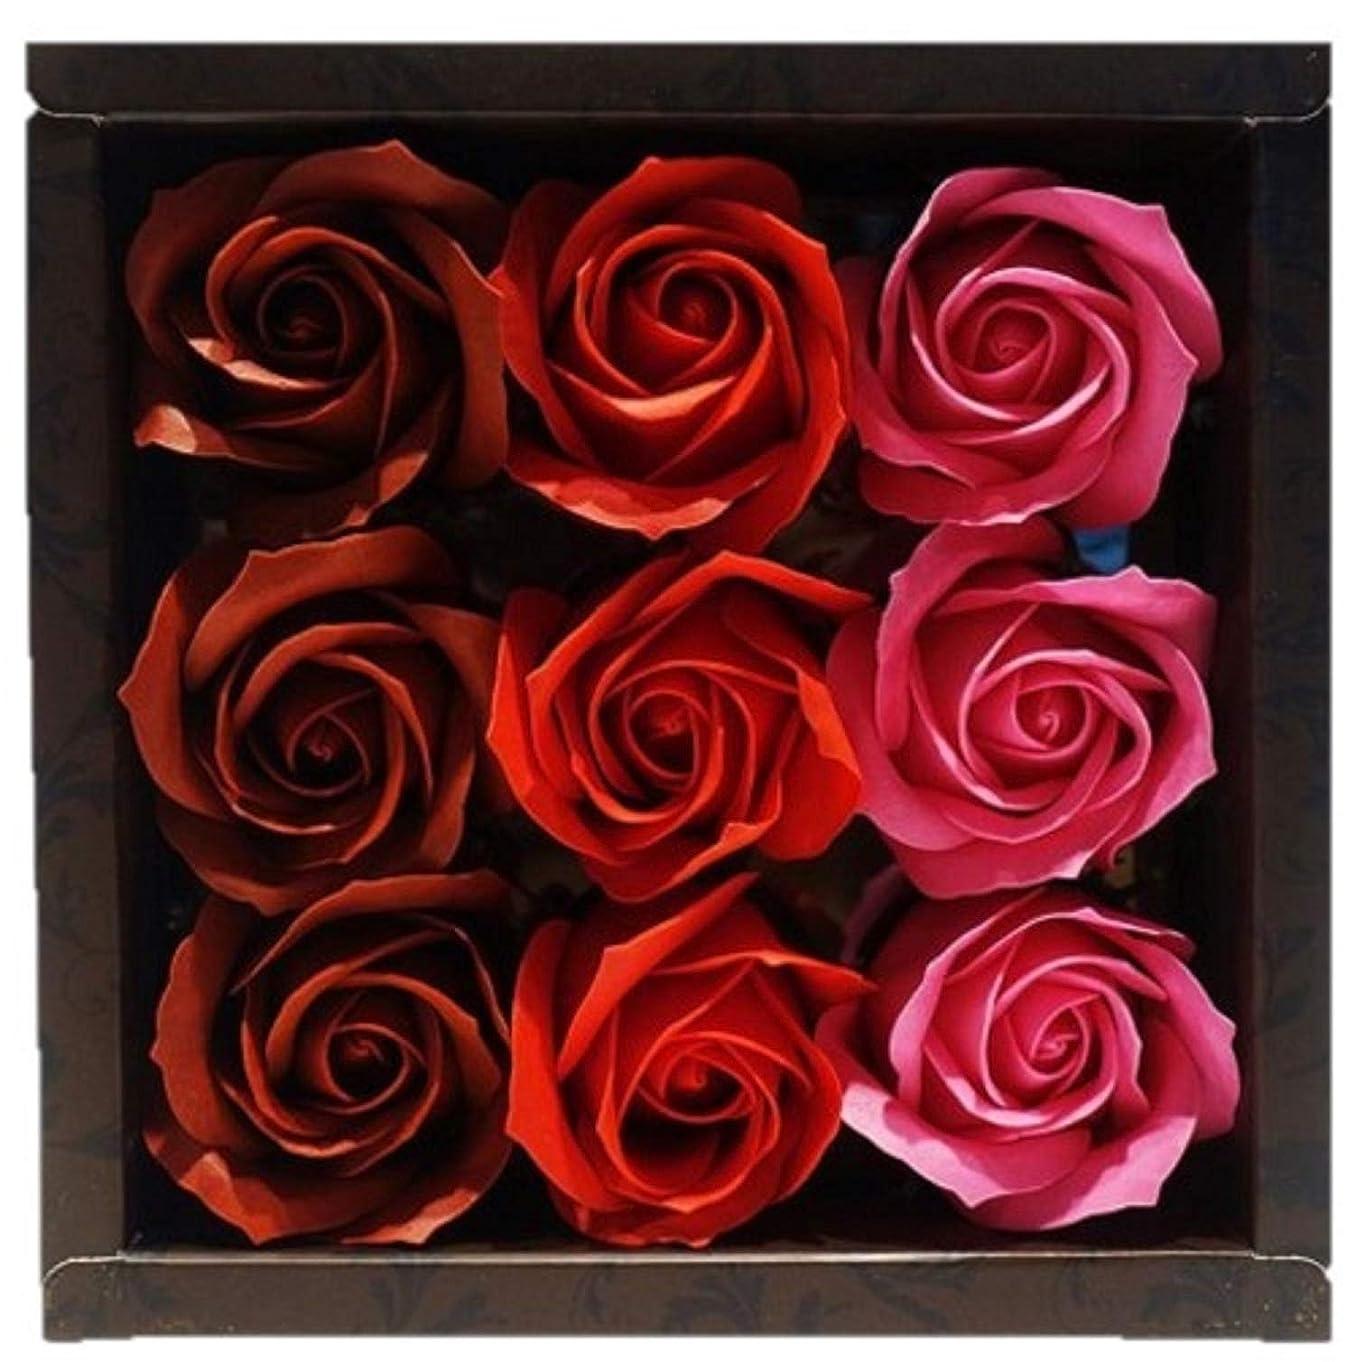 管理液化する肘バスフレグランス バスフラワー ローズフレグランス レッドカラー お花の形の入浴剤 プレゼント ばら